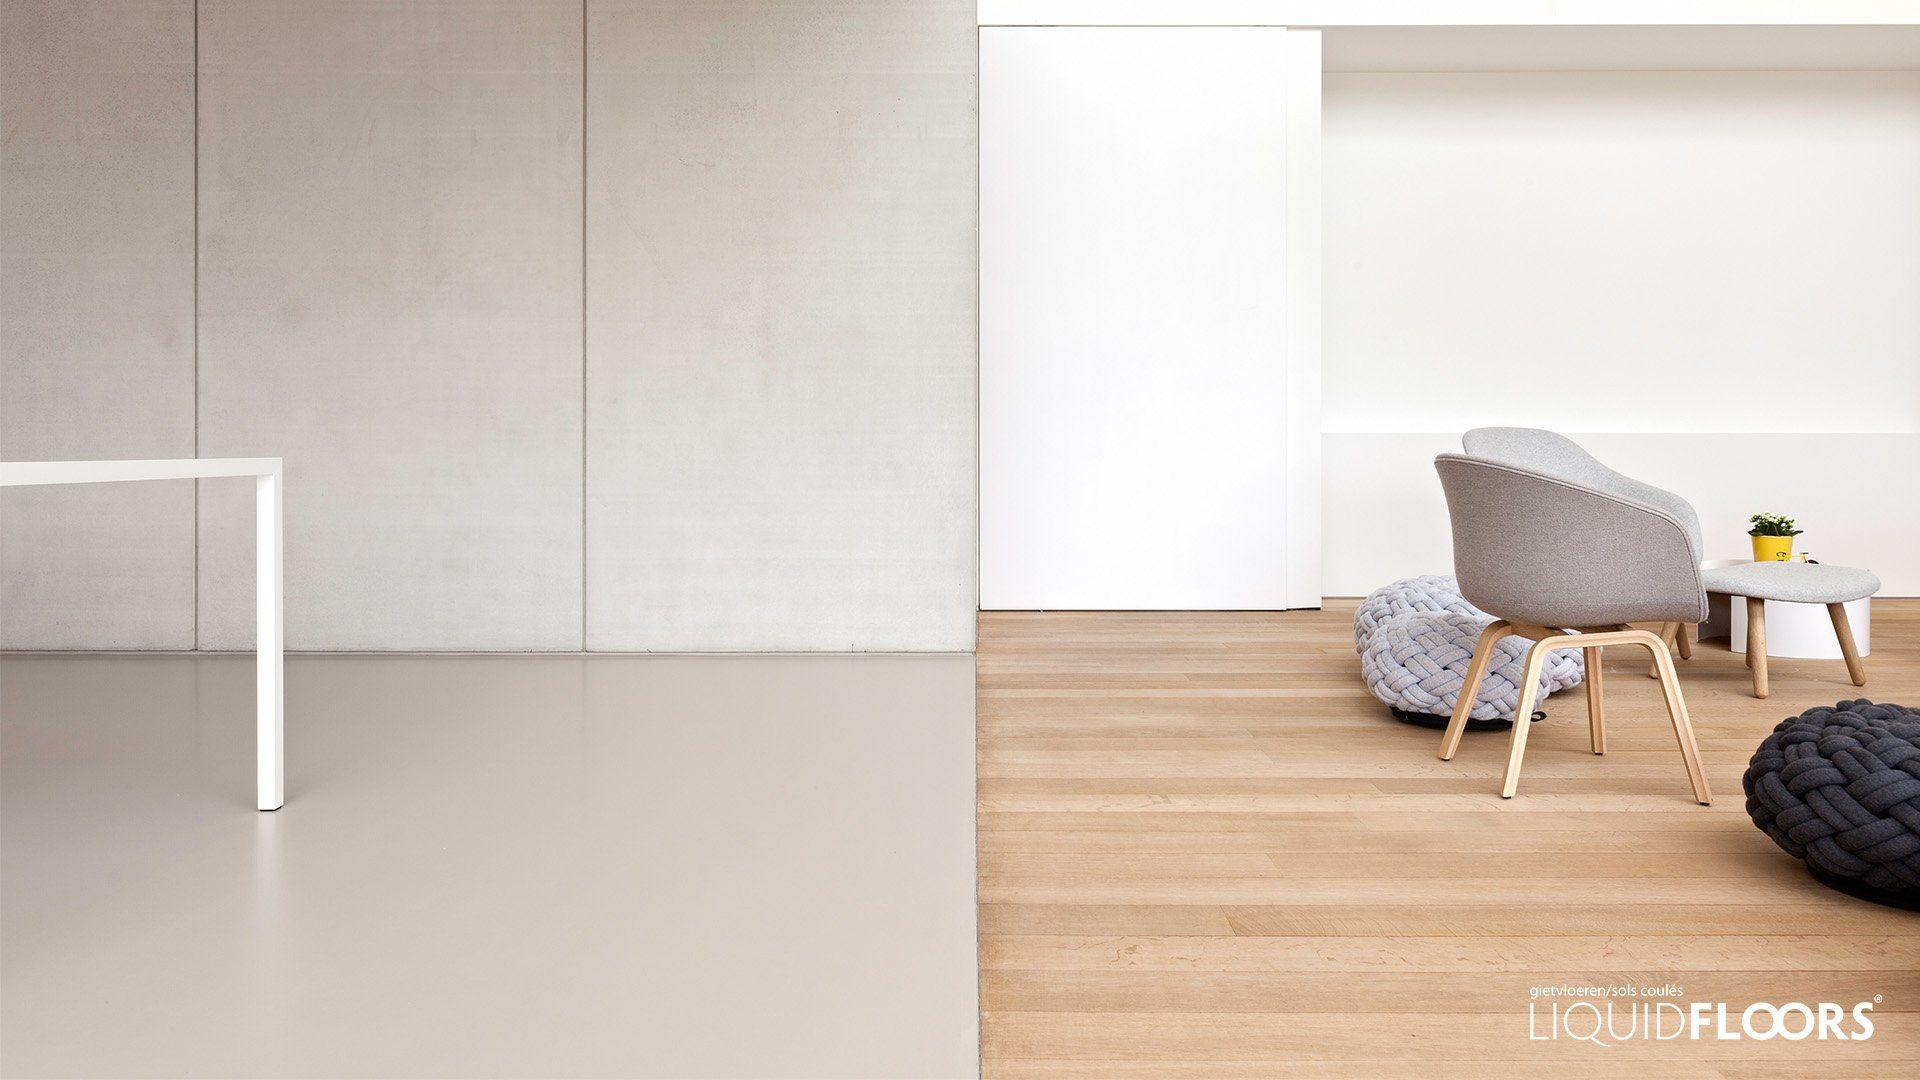 Exclusieve Gietvloer Woonkamer : Betonlook inrichting moderne interieurs houten vloer parket en